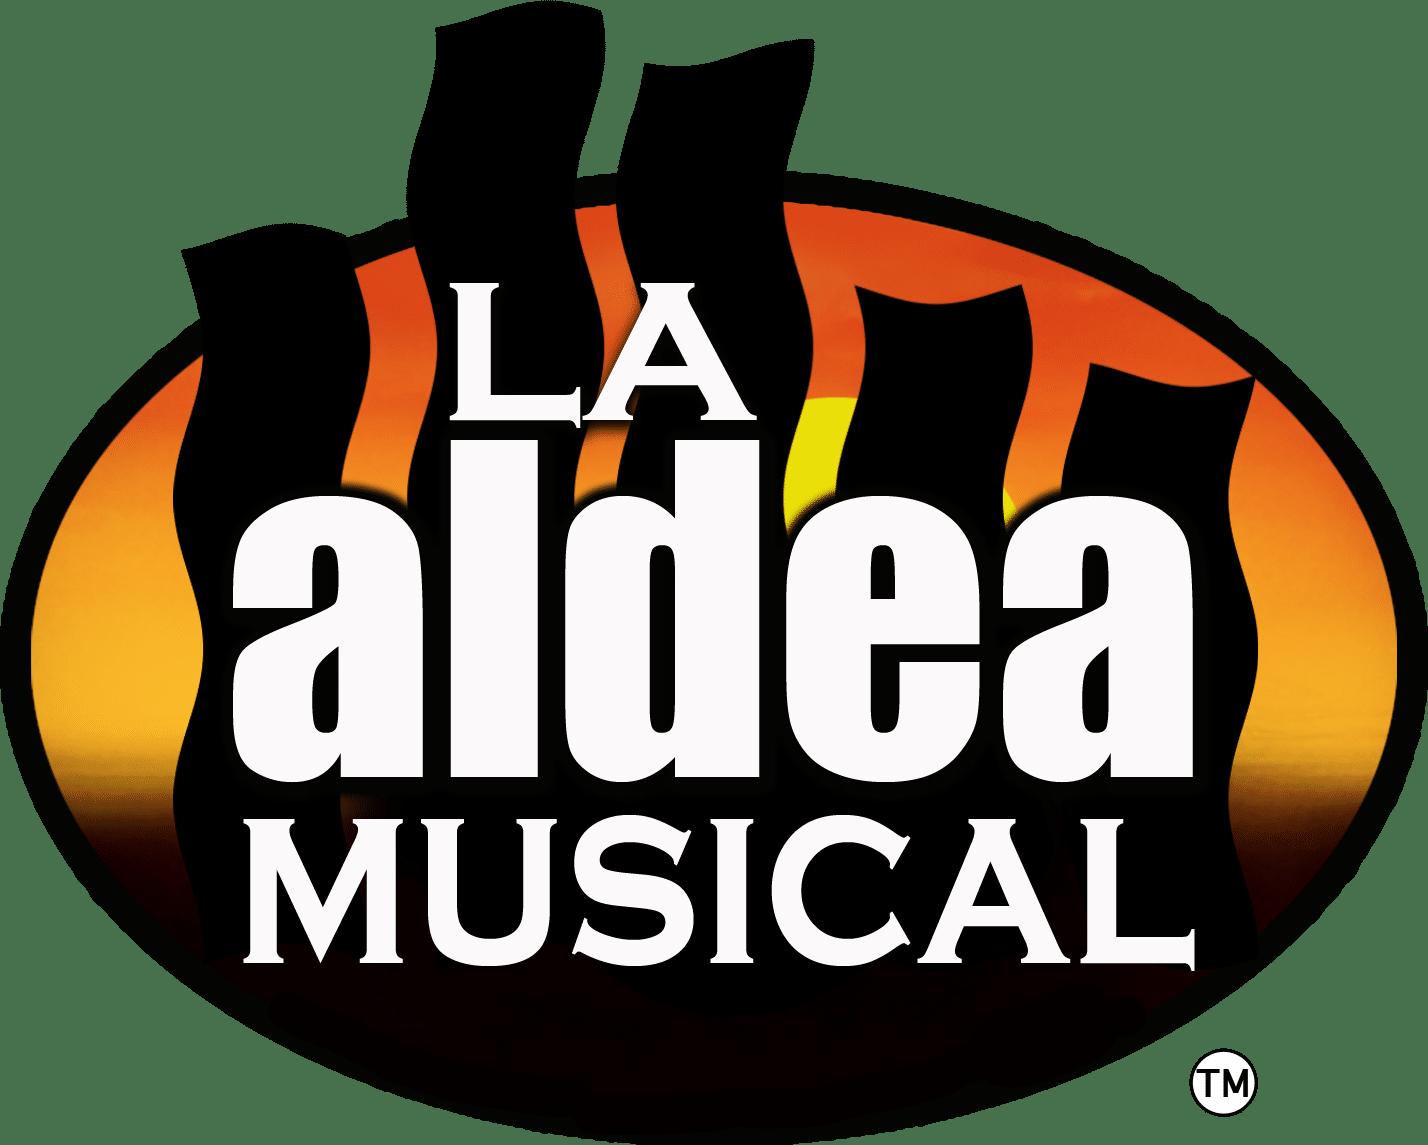 la_aldea_musical_logo